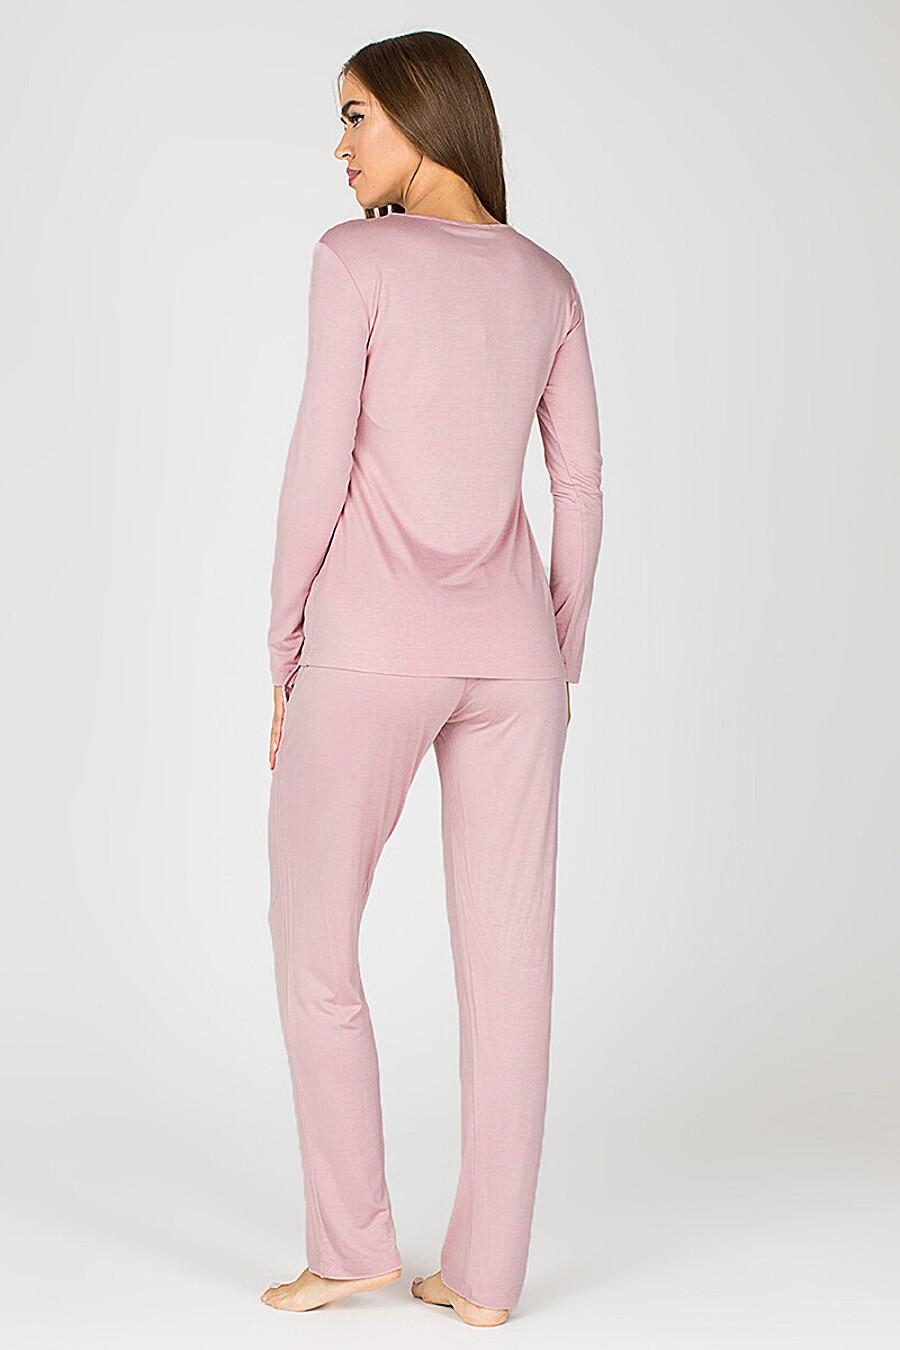 Комплект (лонгслив+брюки) PE.CHITTO (169429), купить в Moyo.moda